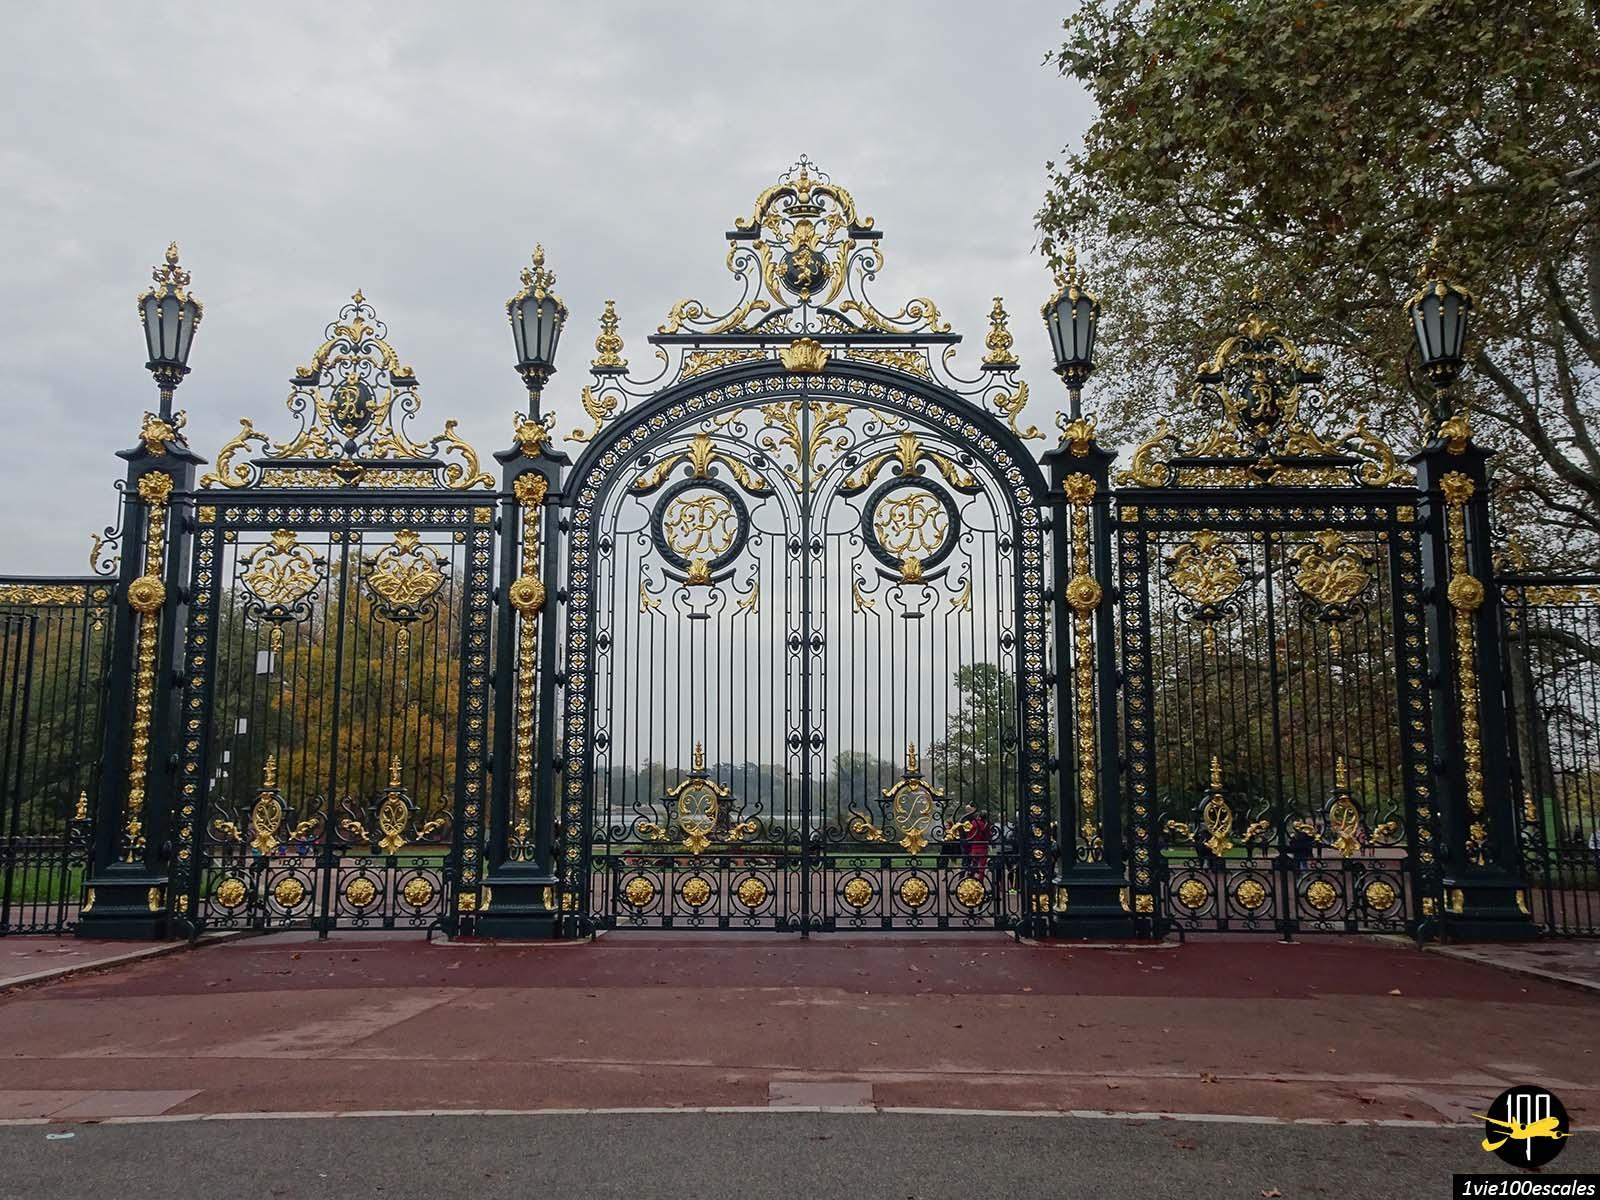 L'entrée dorée du Parc de la Tête d'Or de Lyon